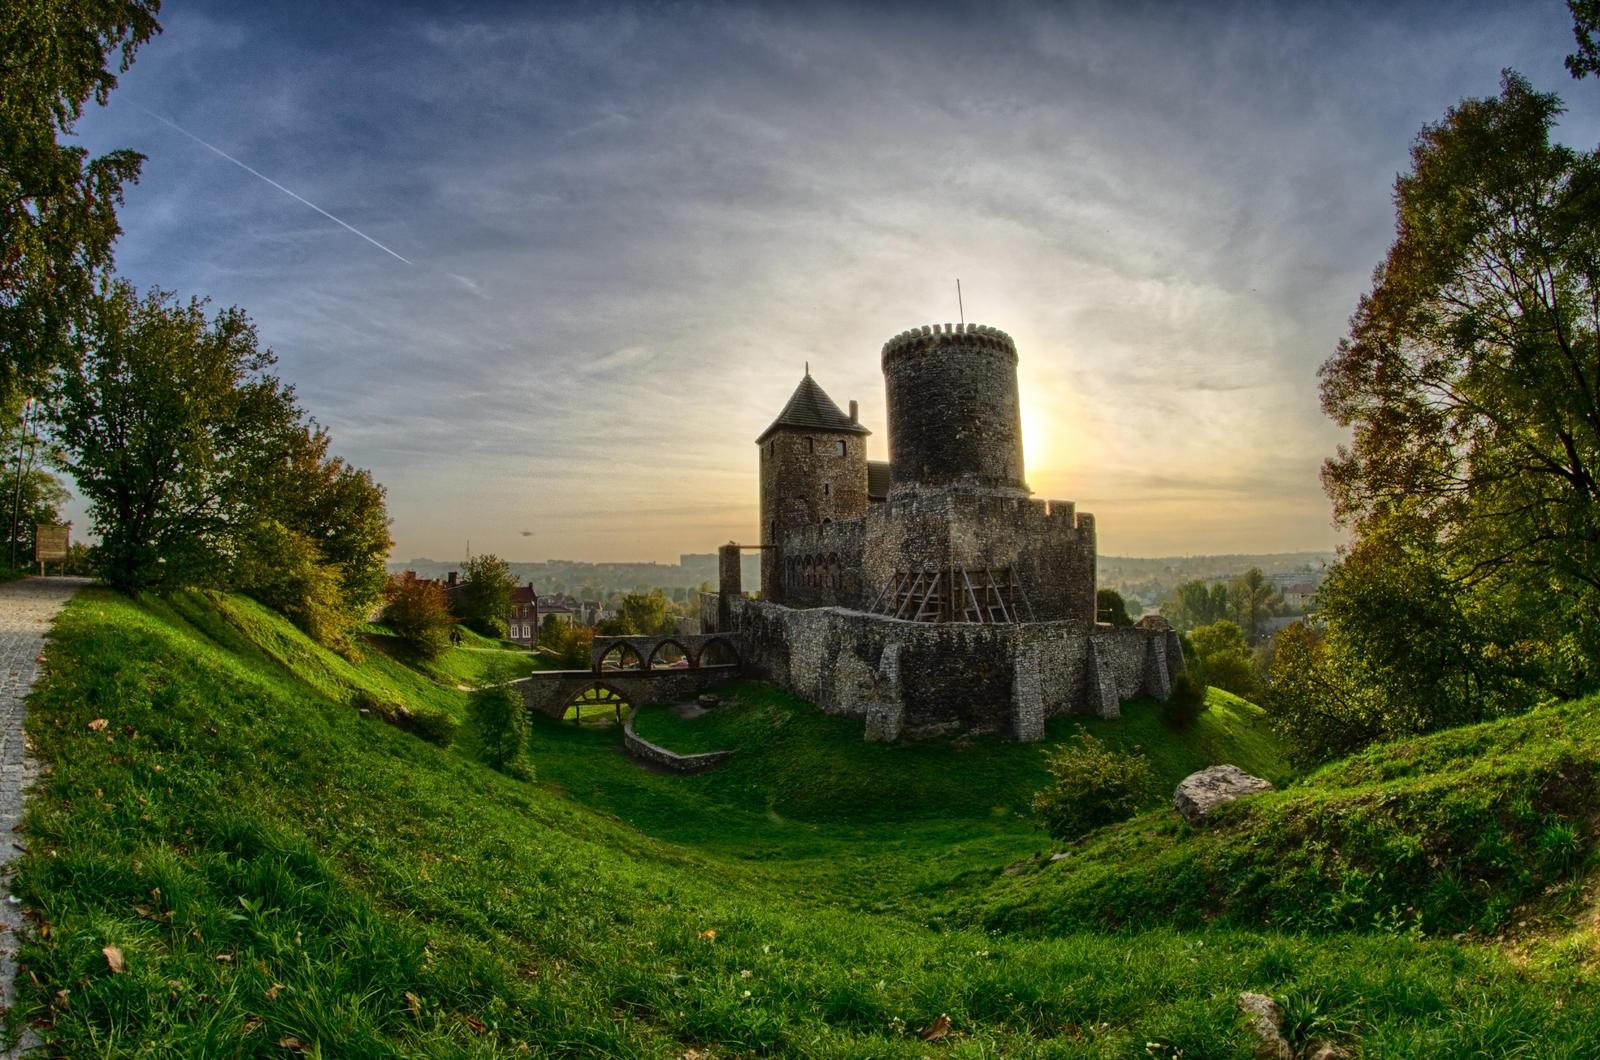 Bedzin Castle by Frytkasis